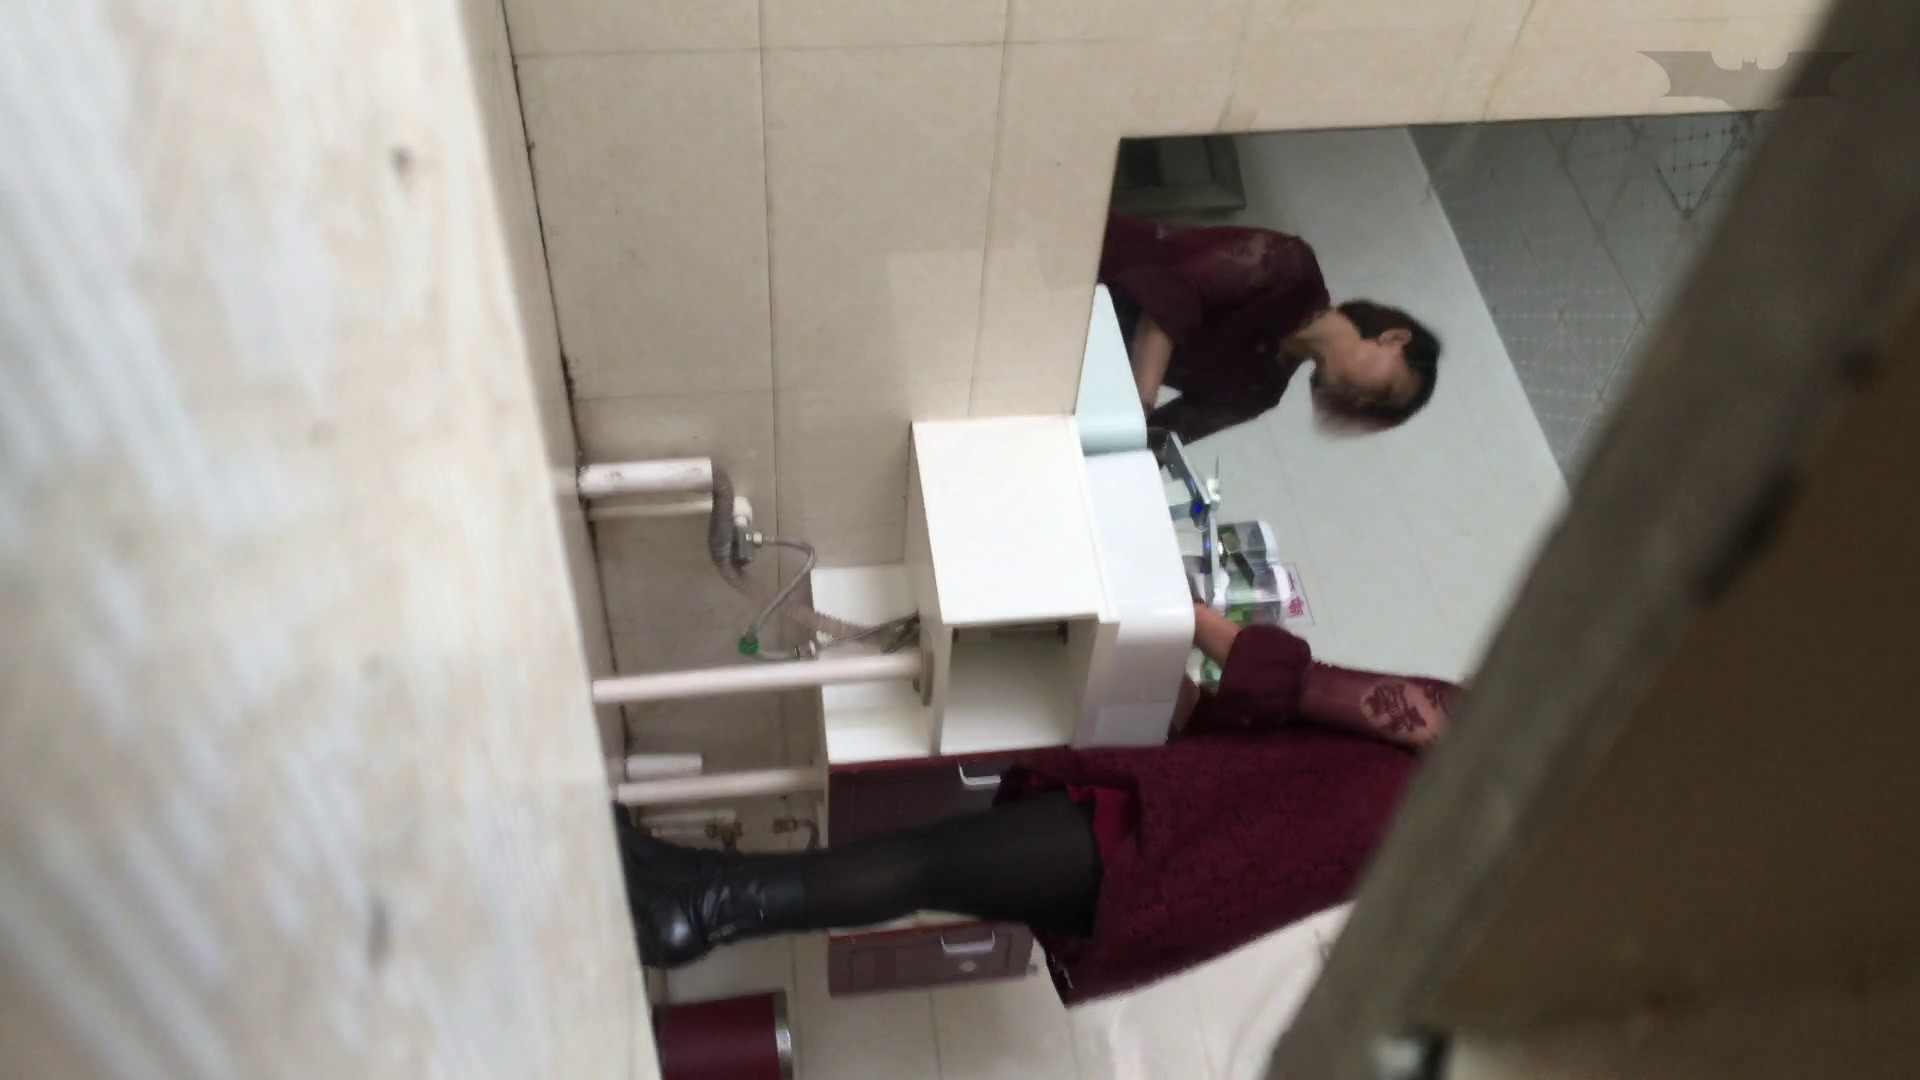 芸術大学ガチ潜入盗撮 JD盗撮 美女の洗面所の秘密 Vol.111 高評価 おめこ無修正動画無料 96画像 38